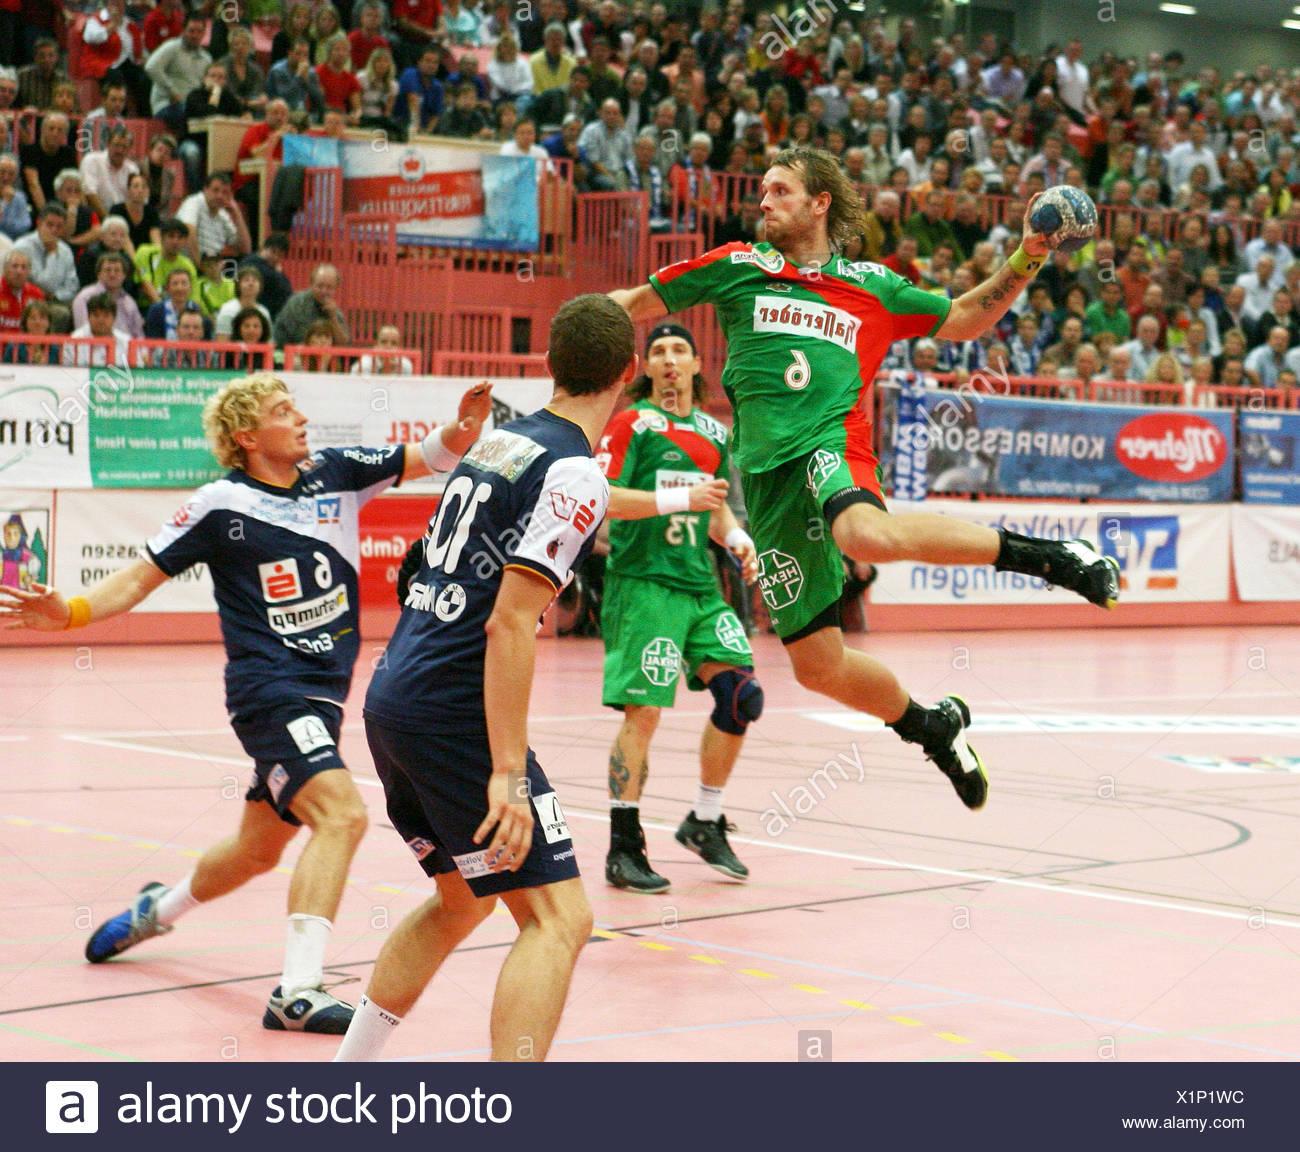 Grzegorz Tkaczyk (Magdeburg) throwing - Stock Image